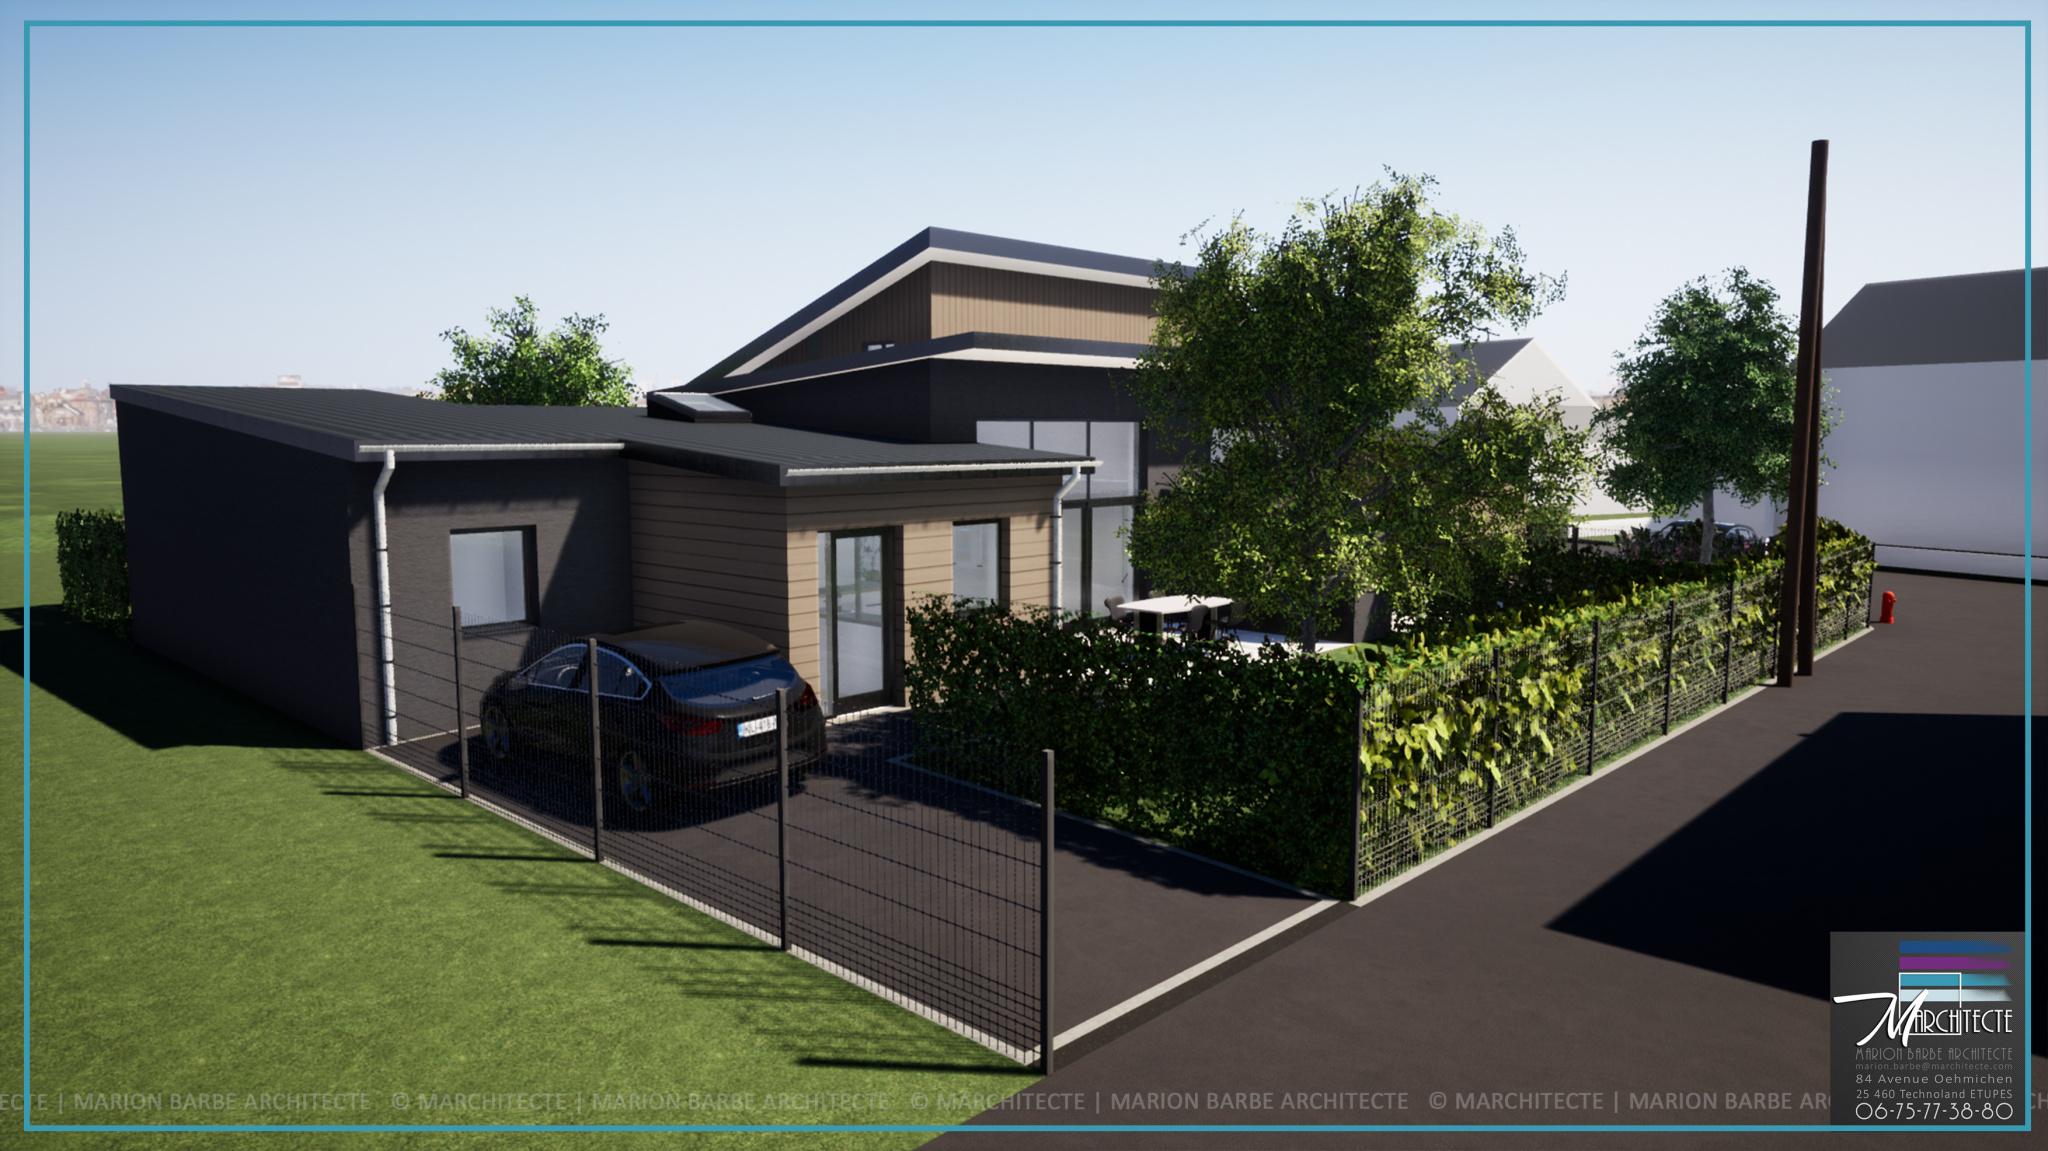 vente Maison neuve de plain pied - 85 m2 - 2 chambres